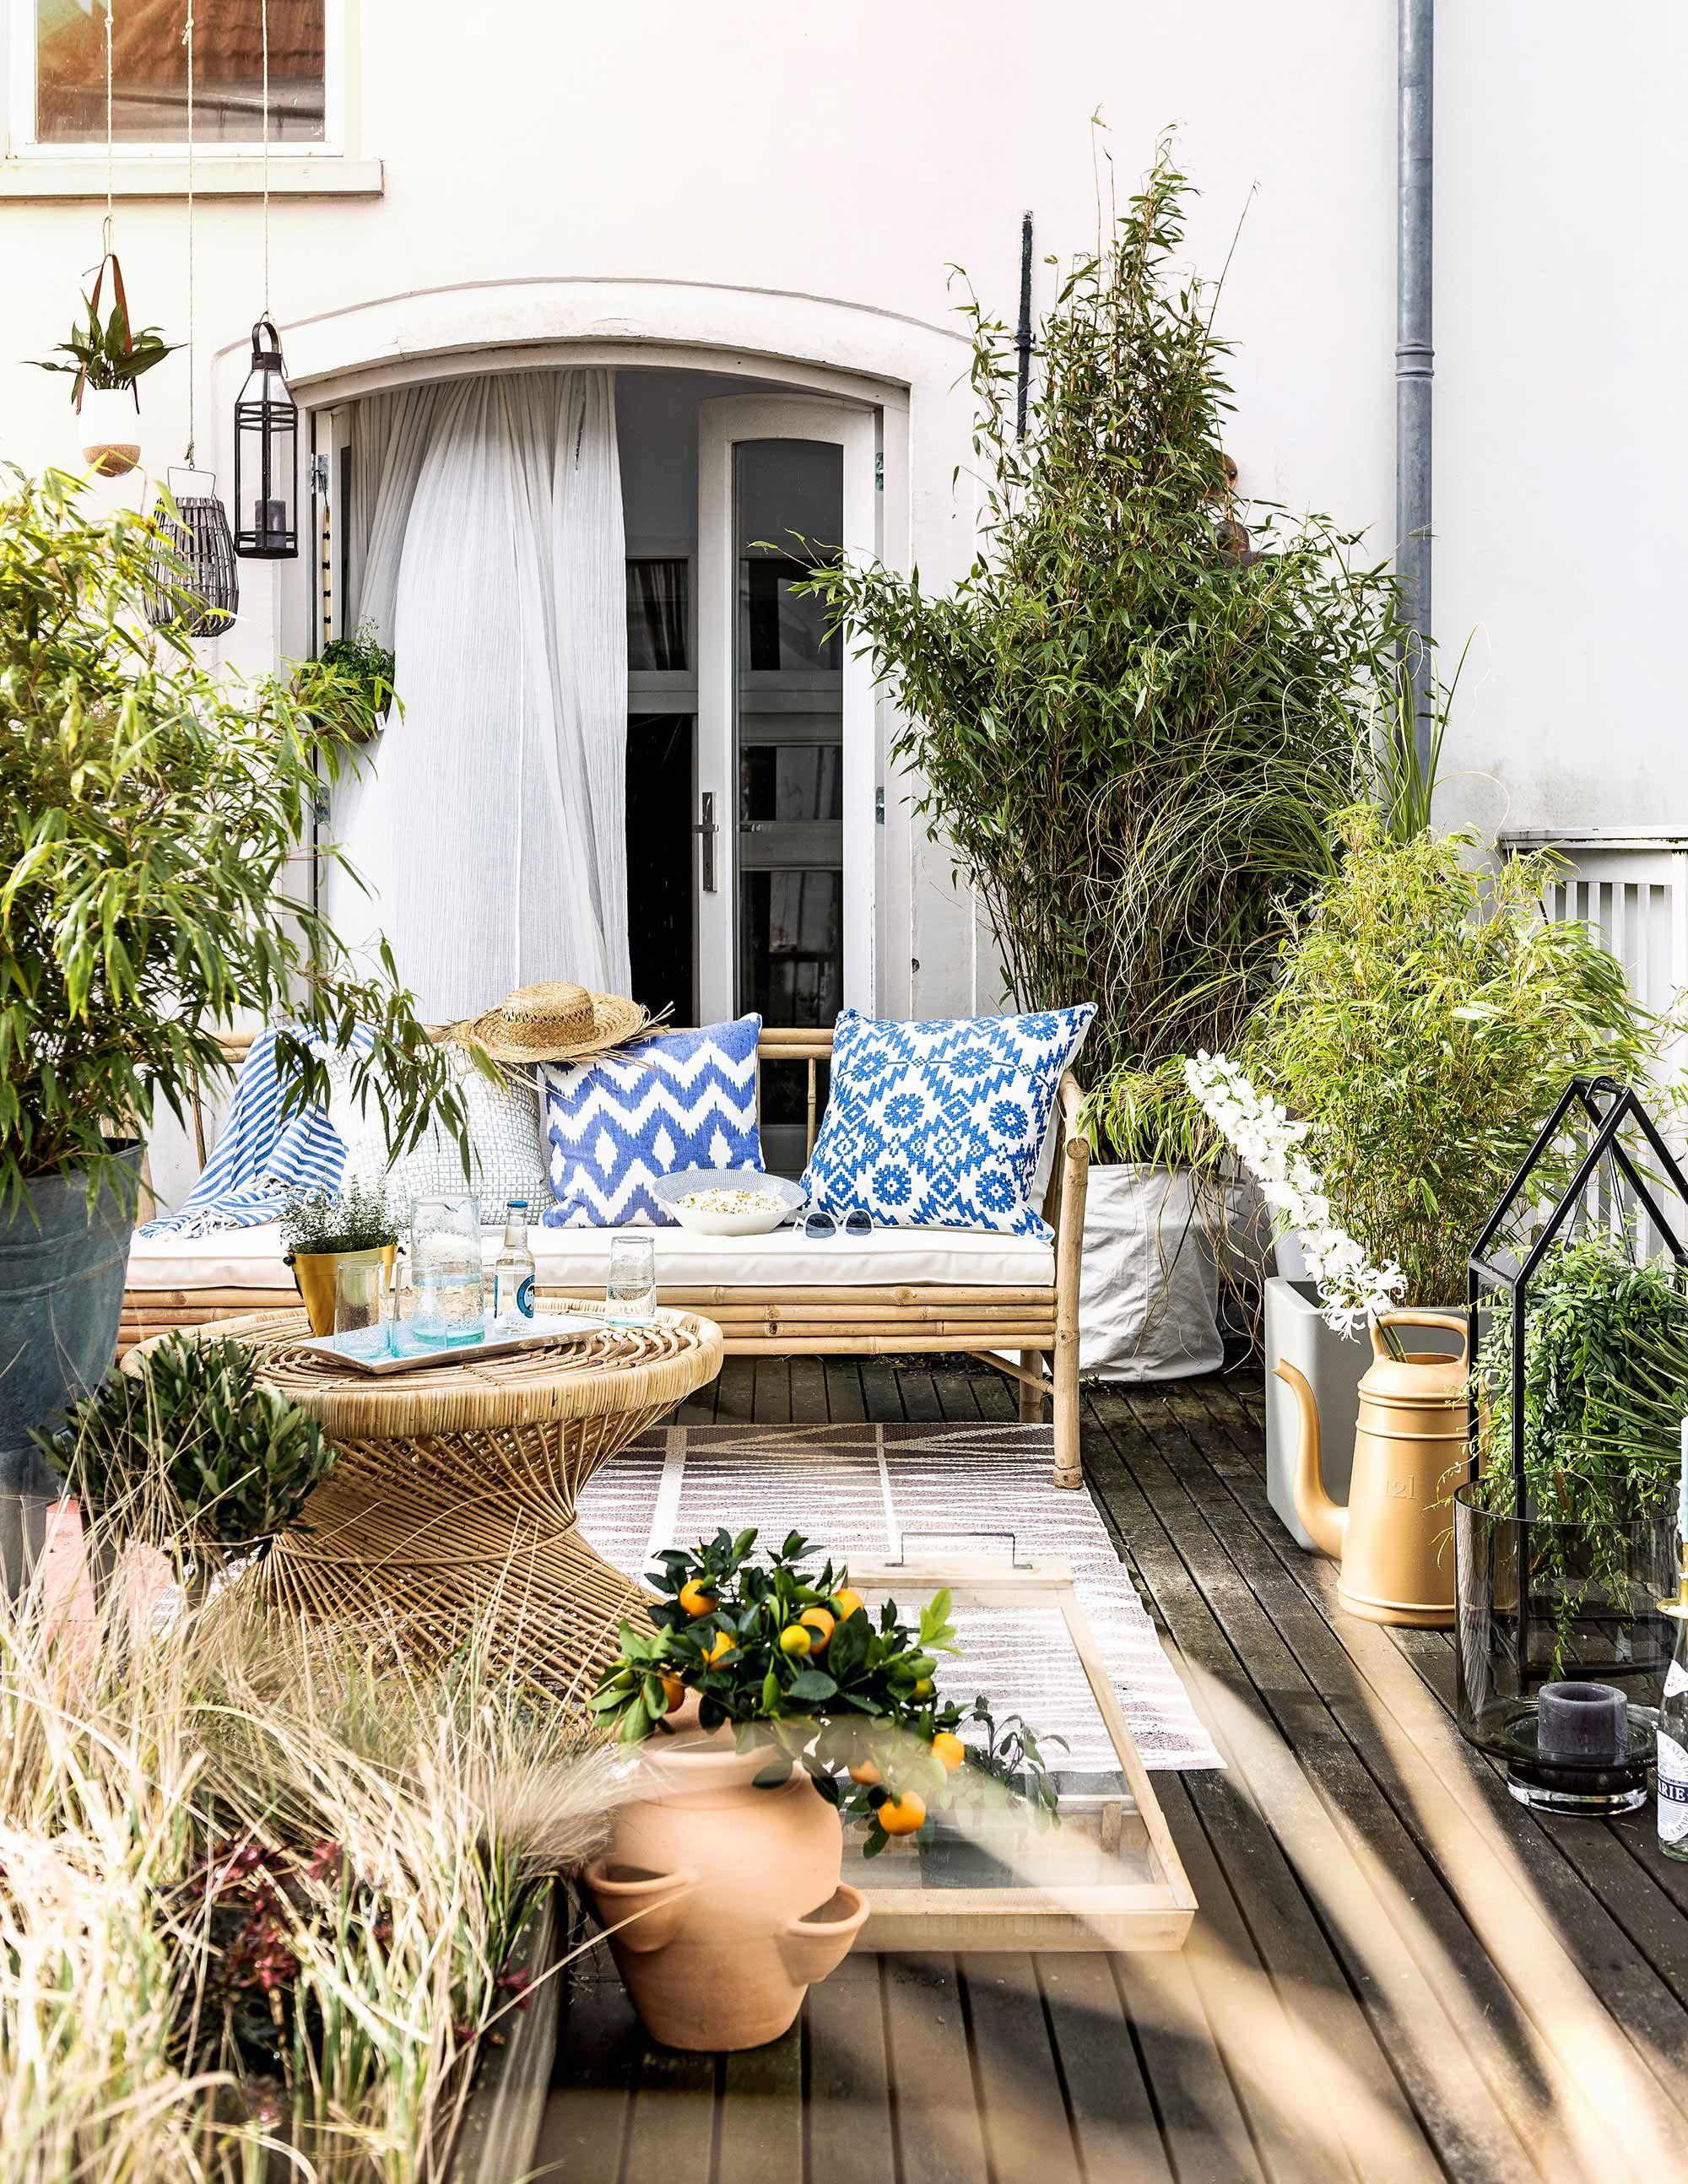 Kleine tuin ibiza stijl klein idee n accessoires tuin for Ideeen kleine tuin